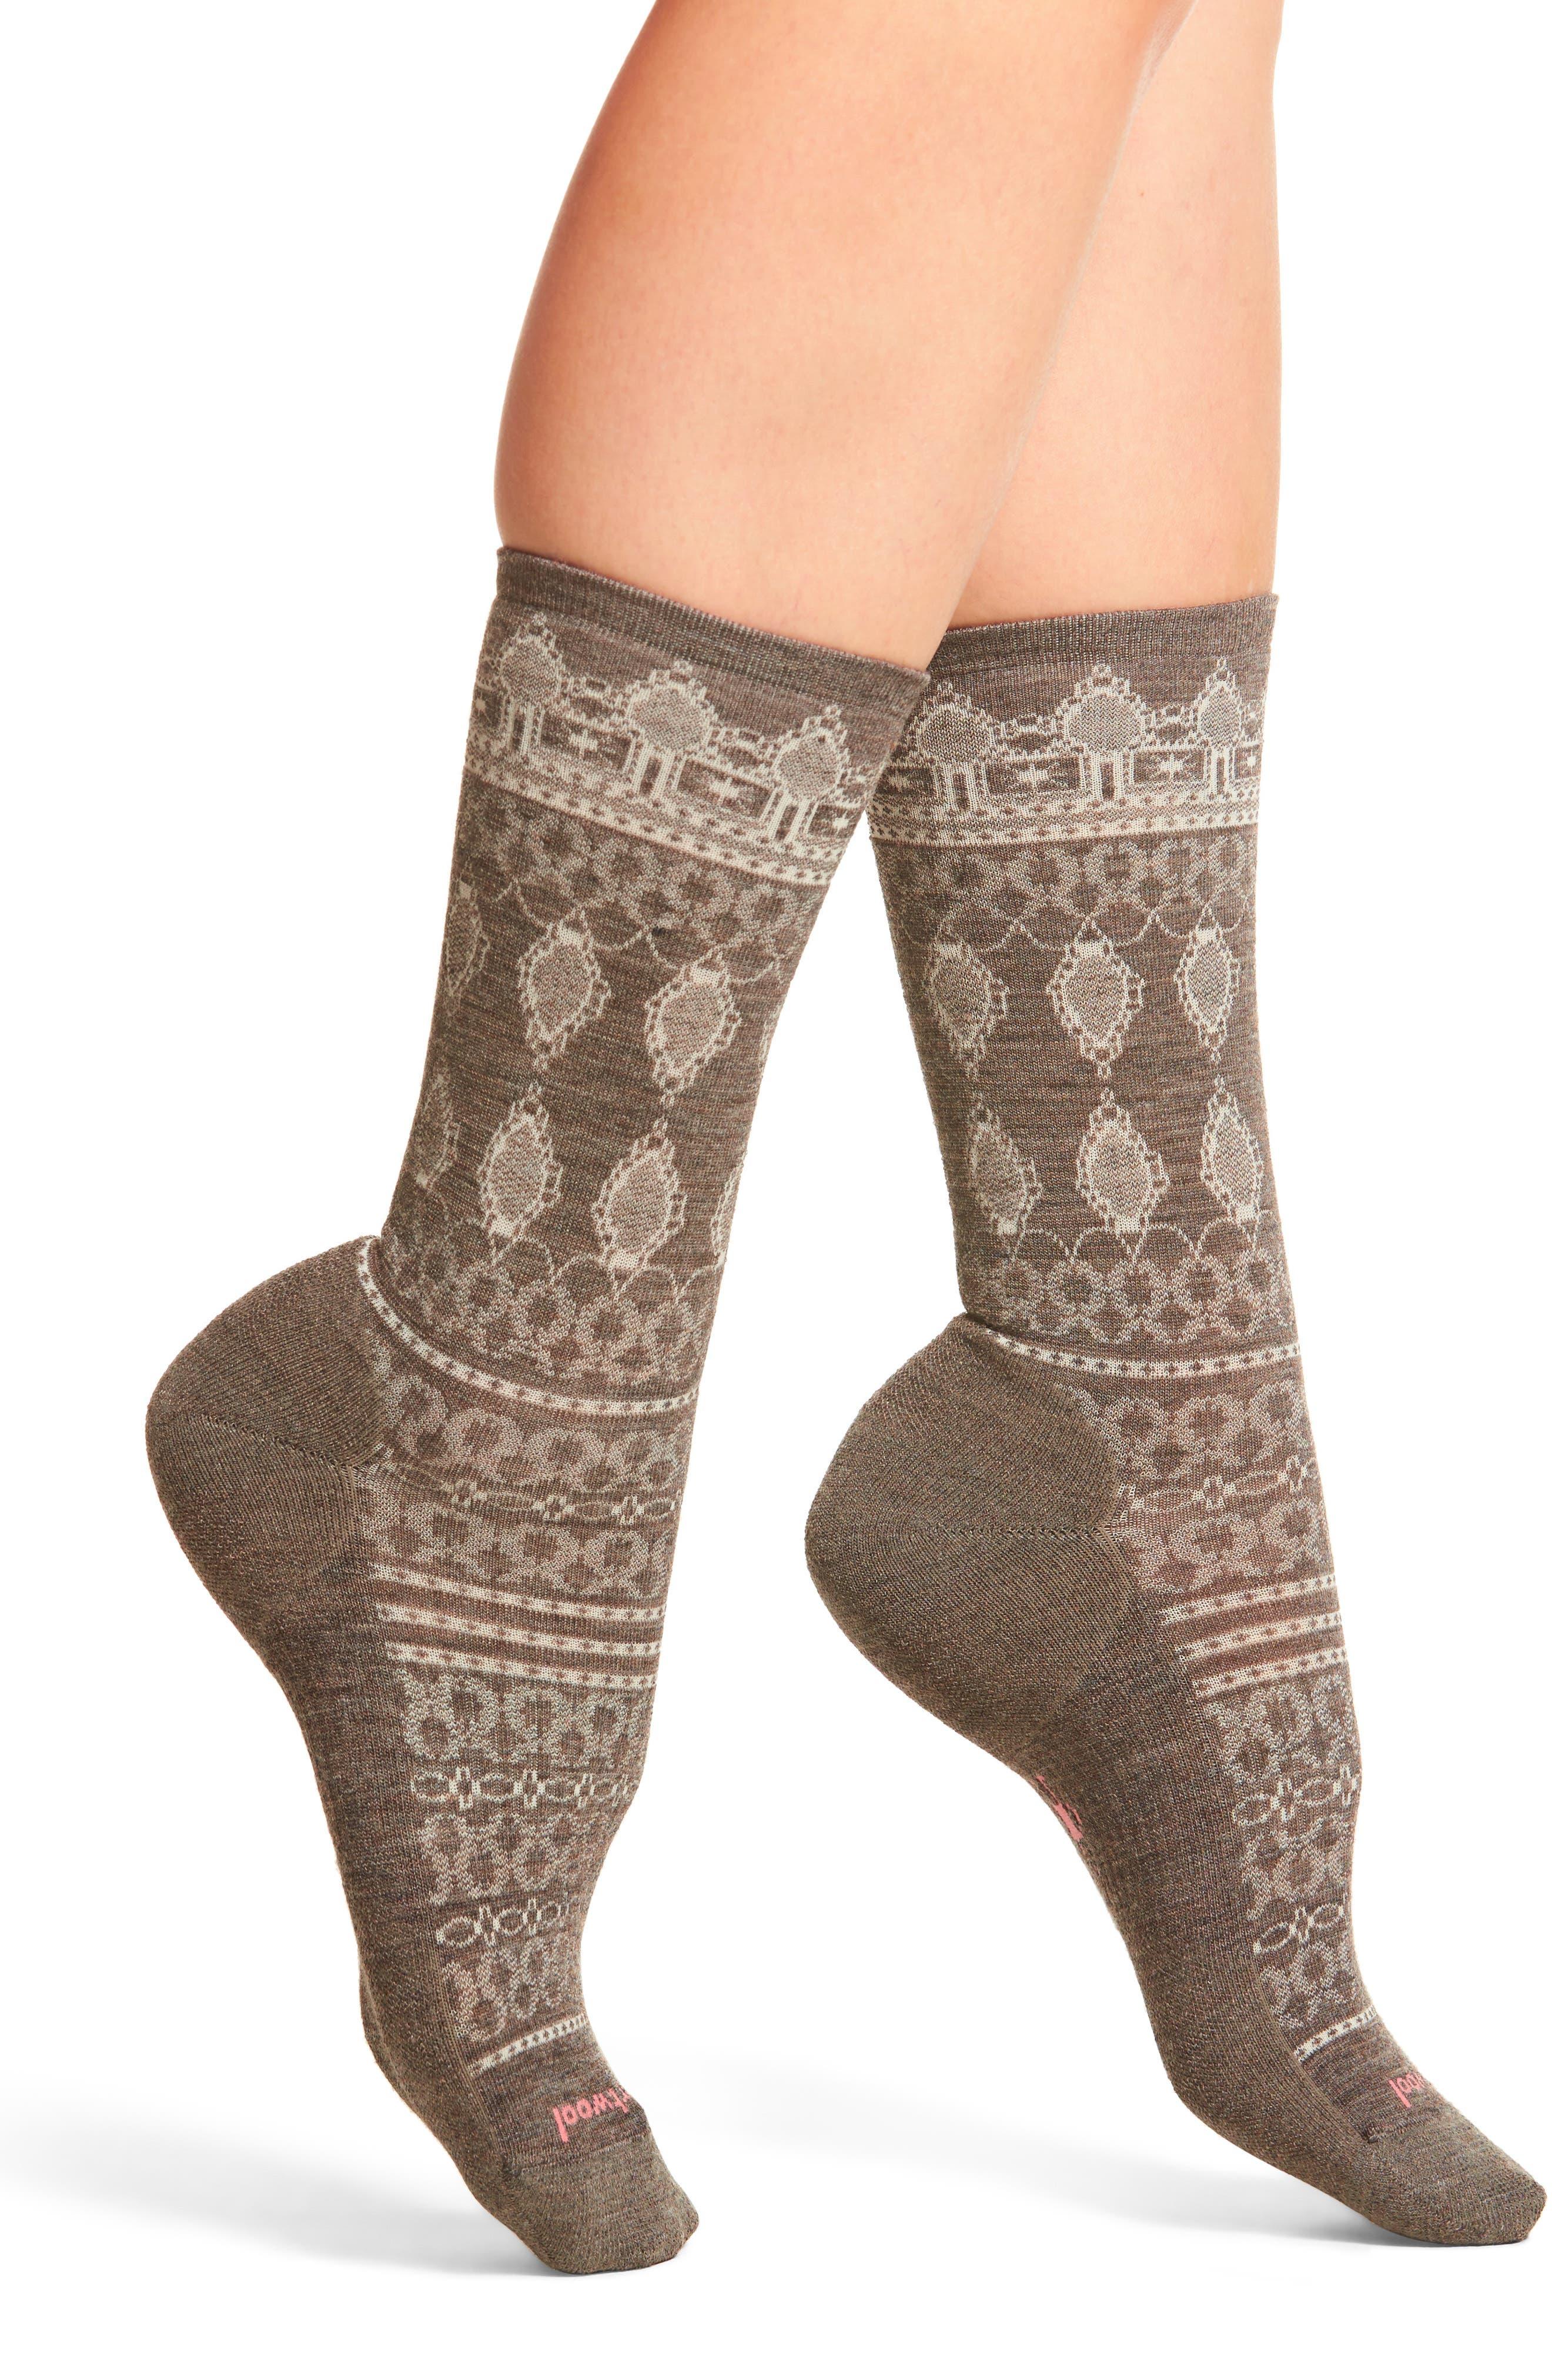 Main Image - Smartwool Lacet Crew Socks